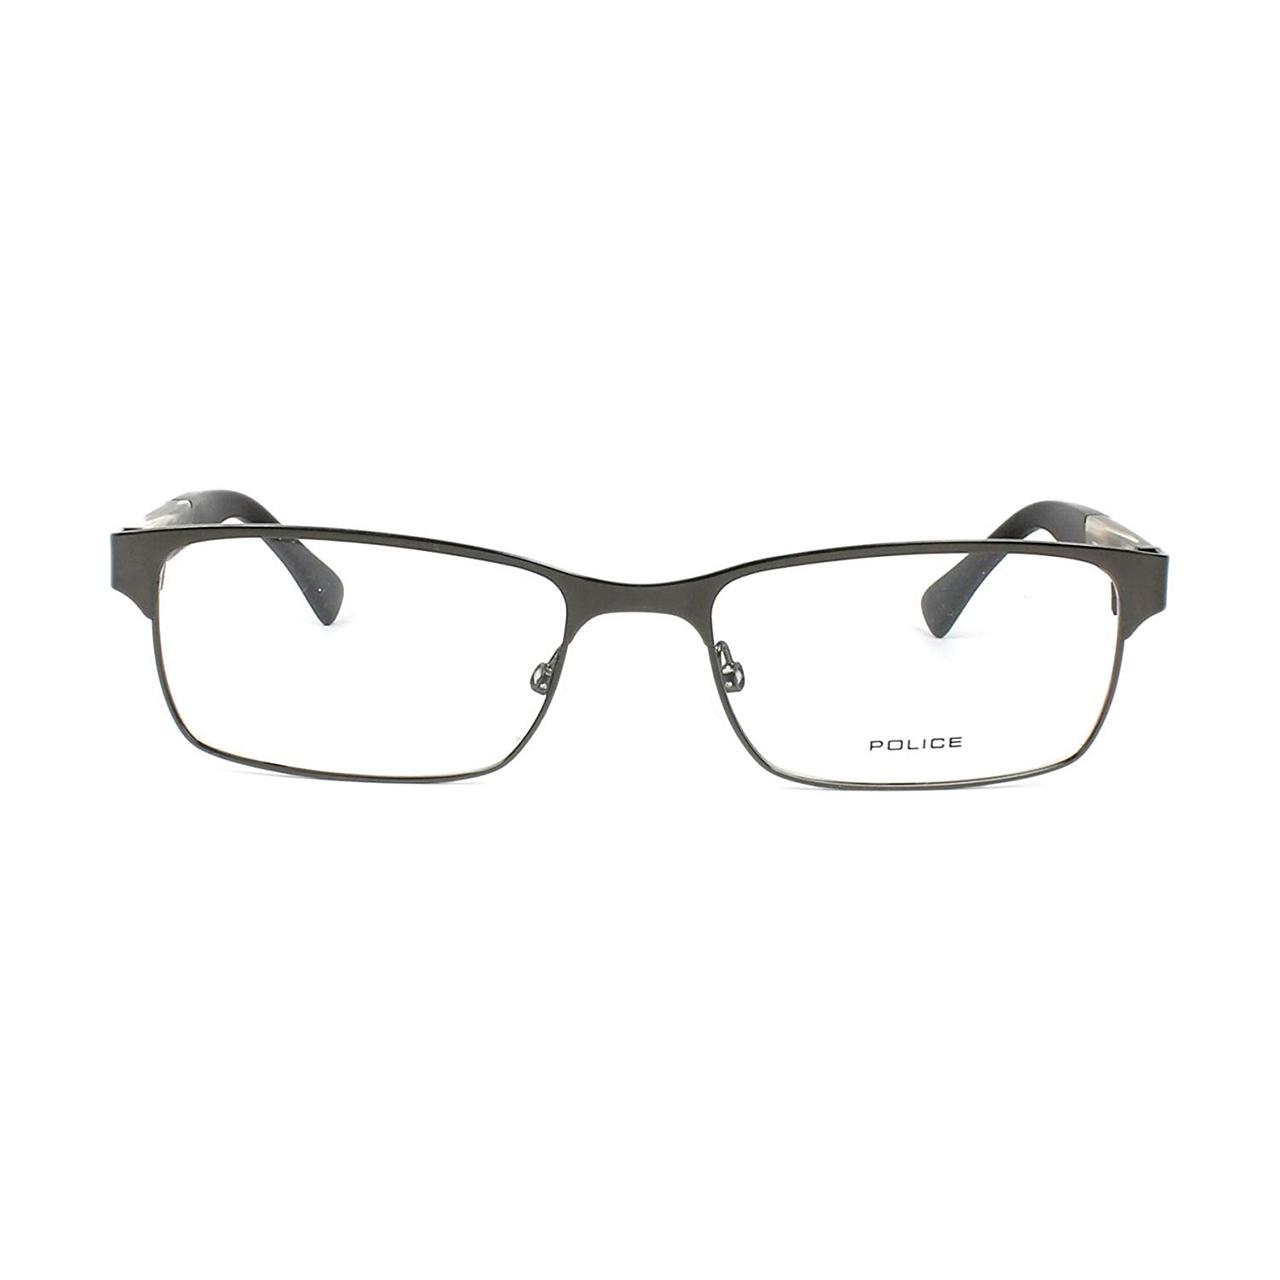 فریم عینک طبی پلیس مدل  V 8797 COL 627